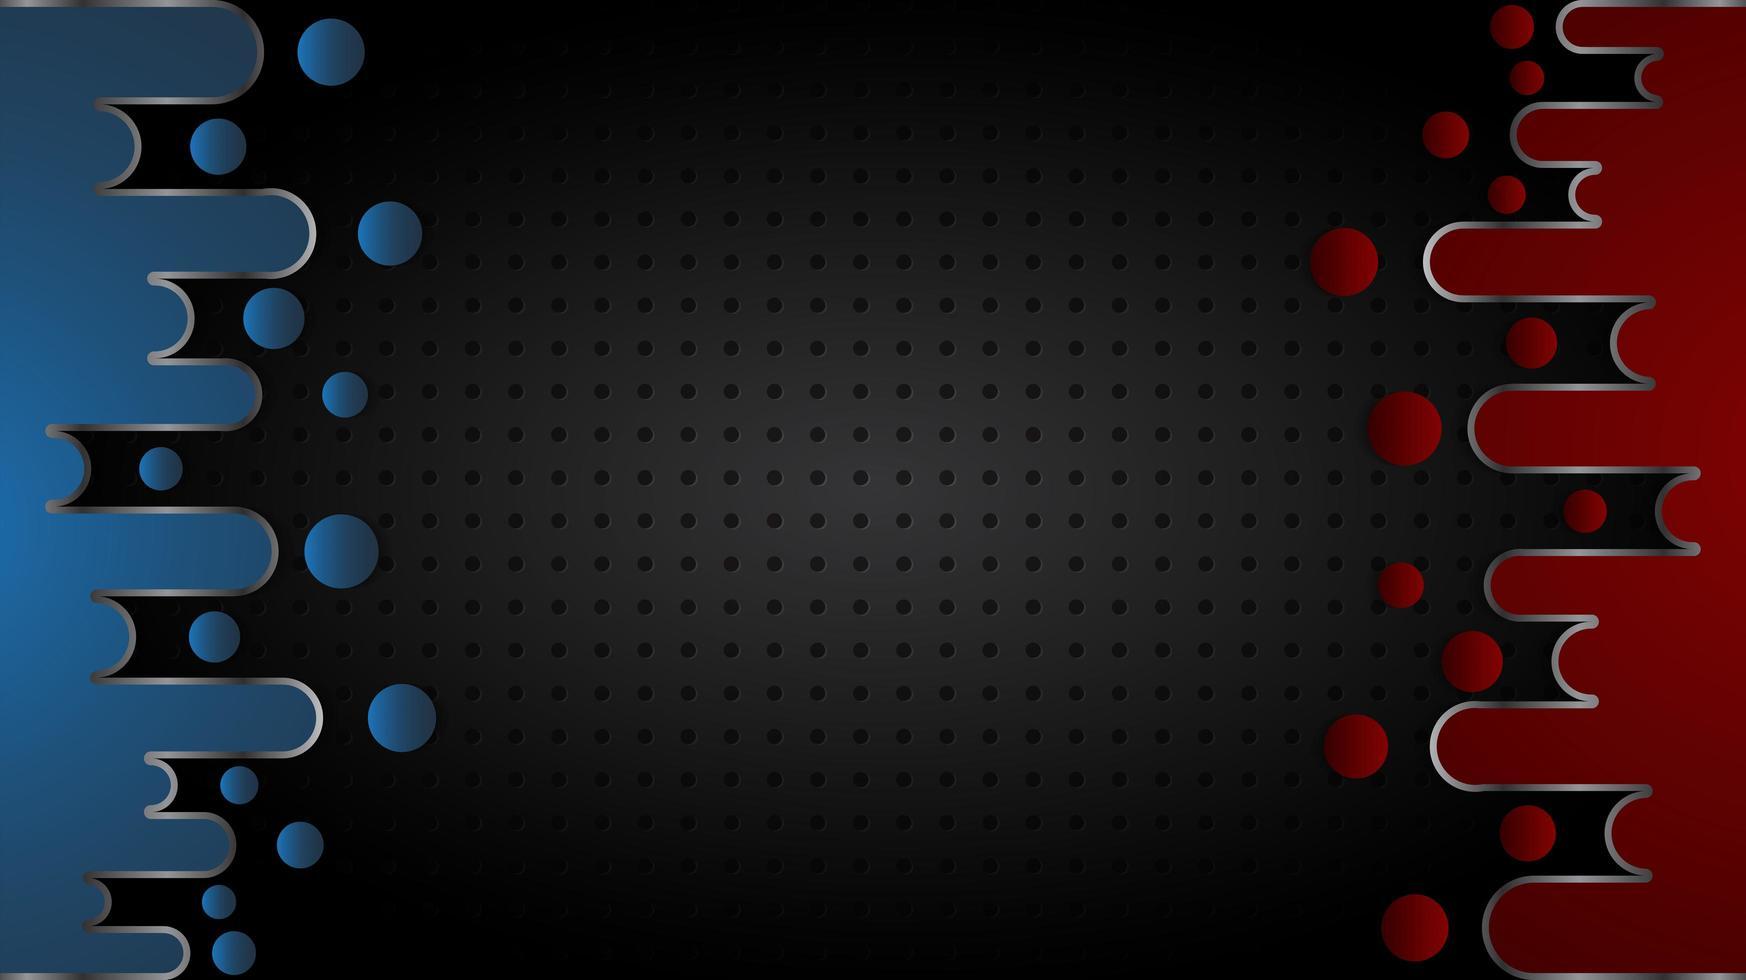 forme liquide rosse e blu sulla trama della griglia nera vettore